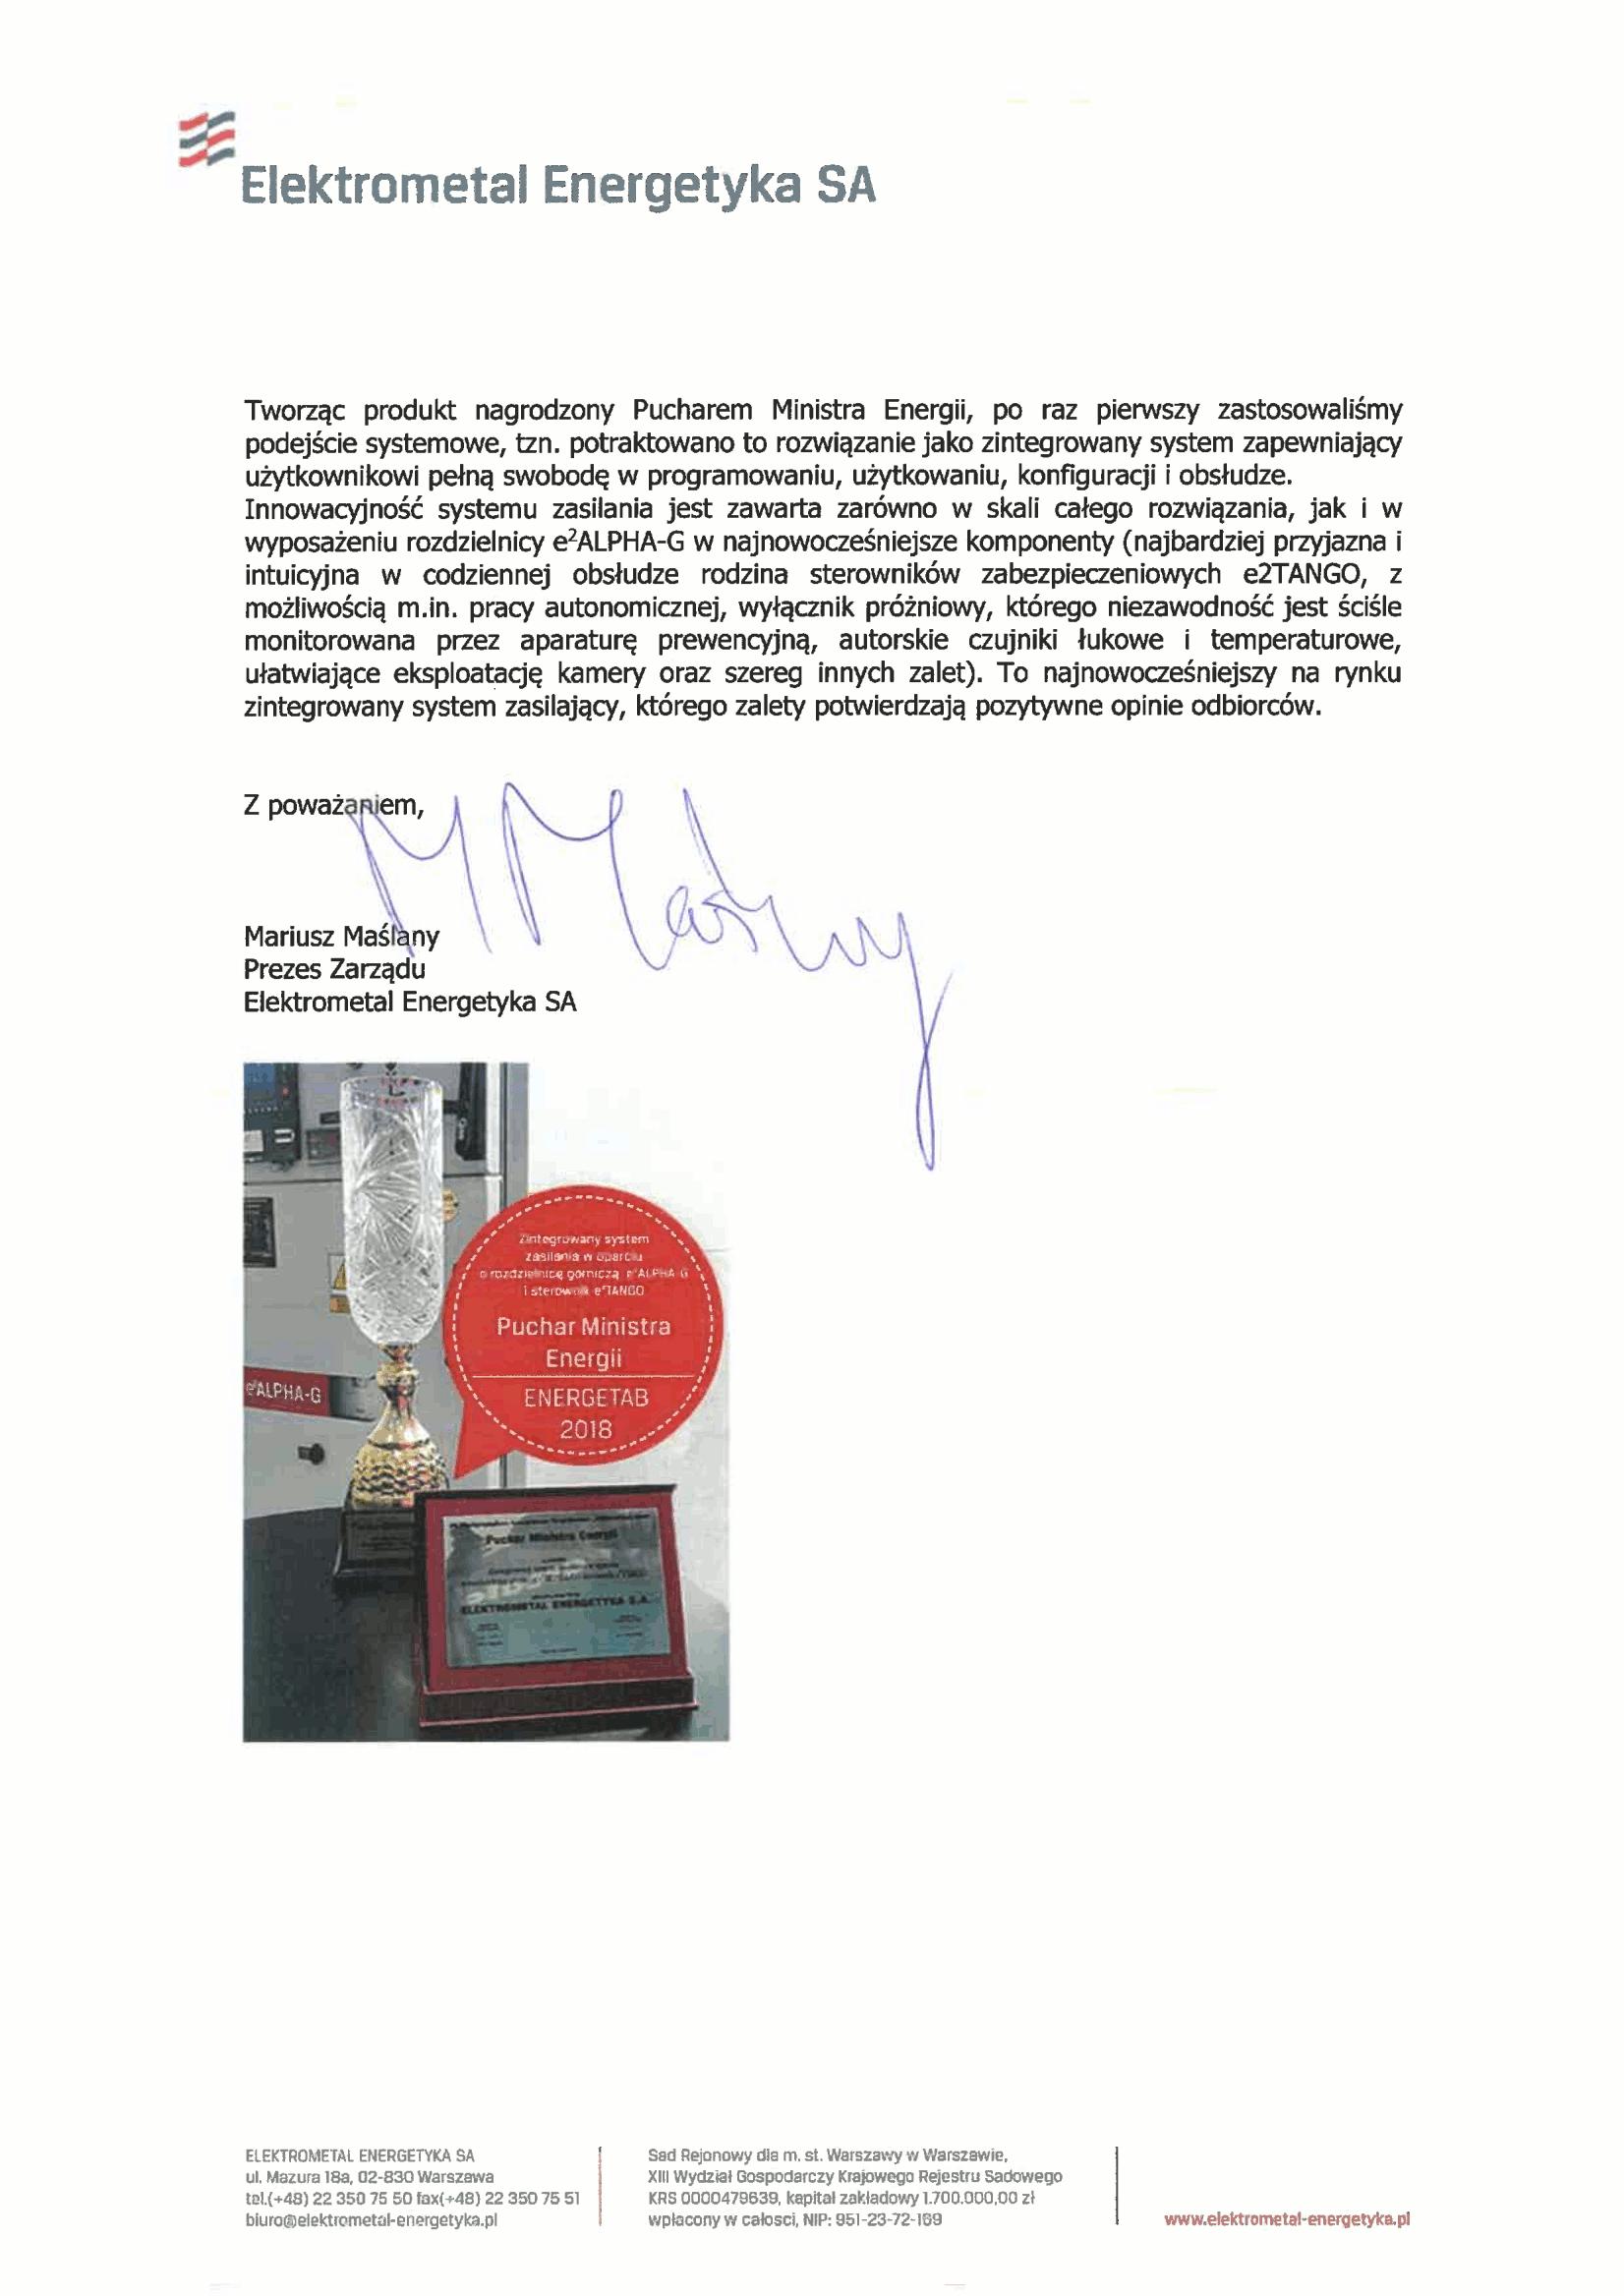 Podziękowanie od Elektrometal Energetyka S.A. - strona 2